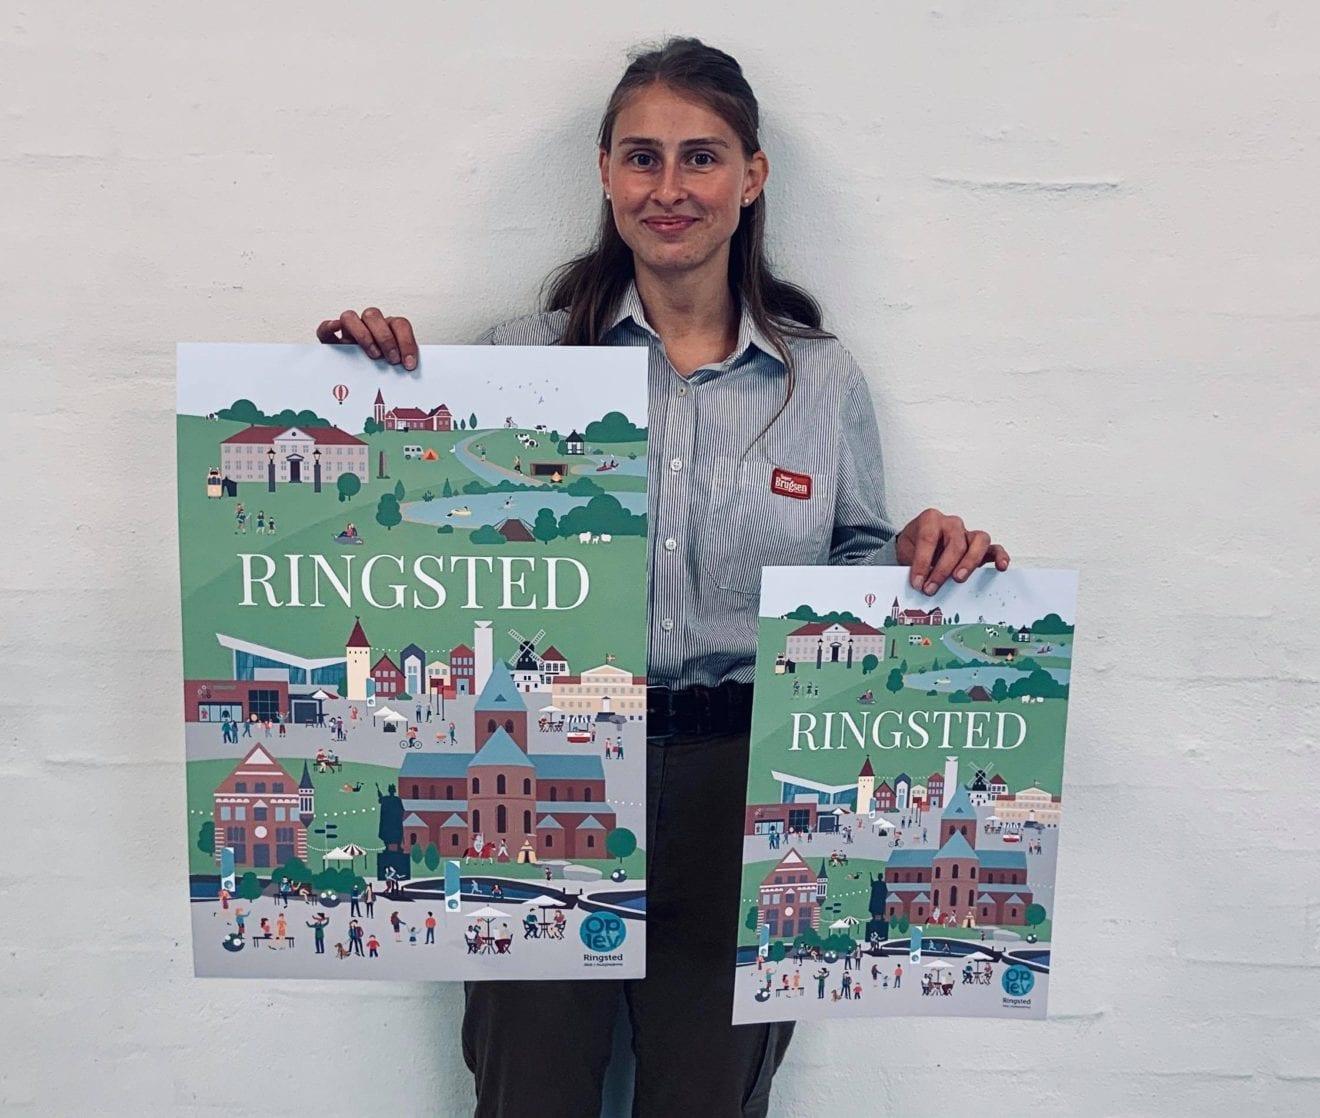 Ringsted Plakaten sat til salg